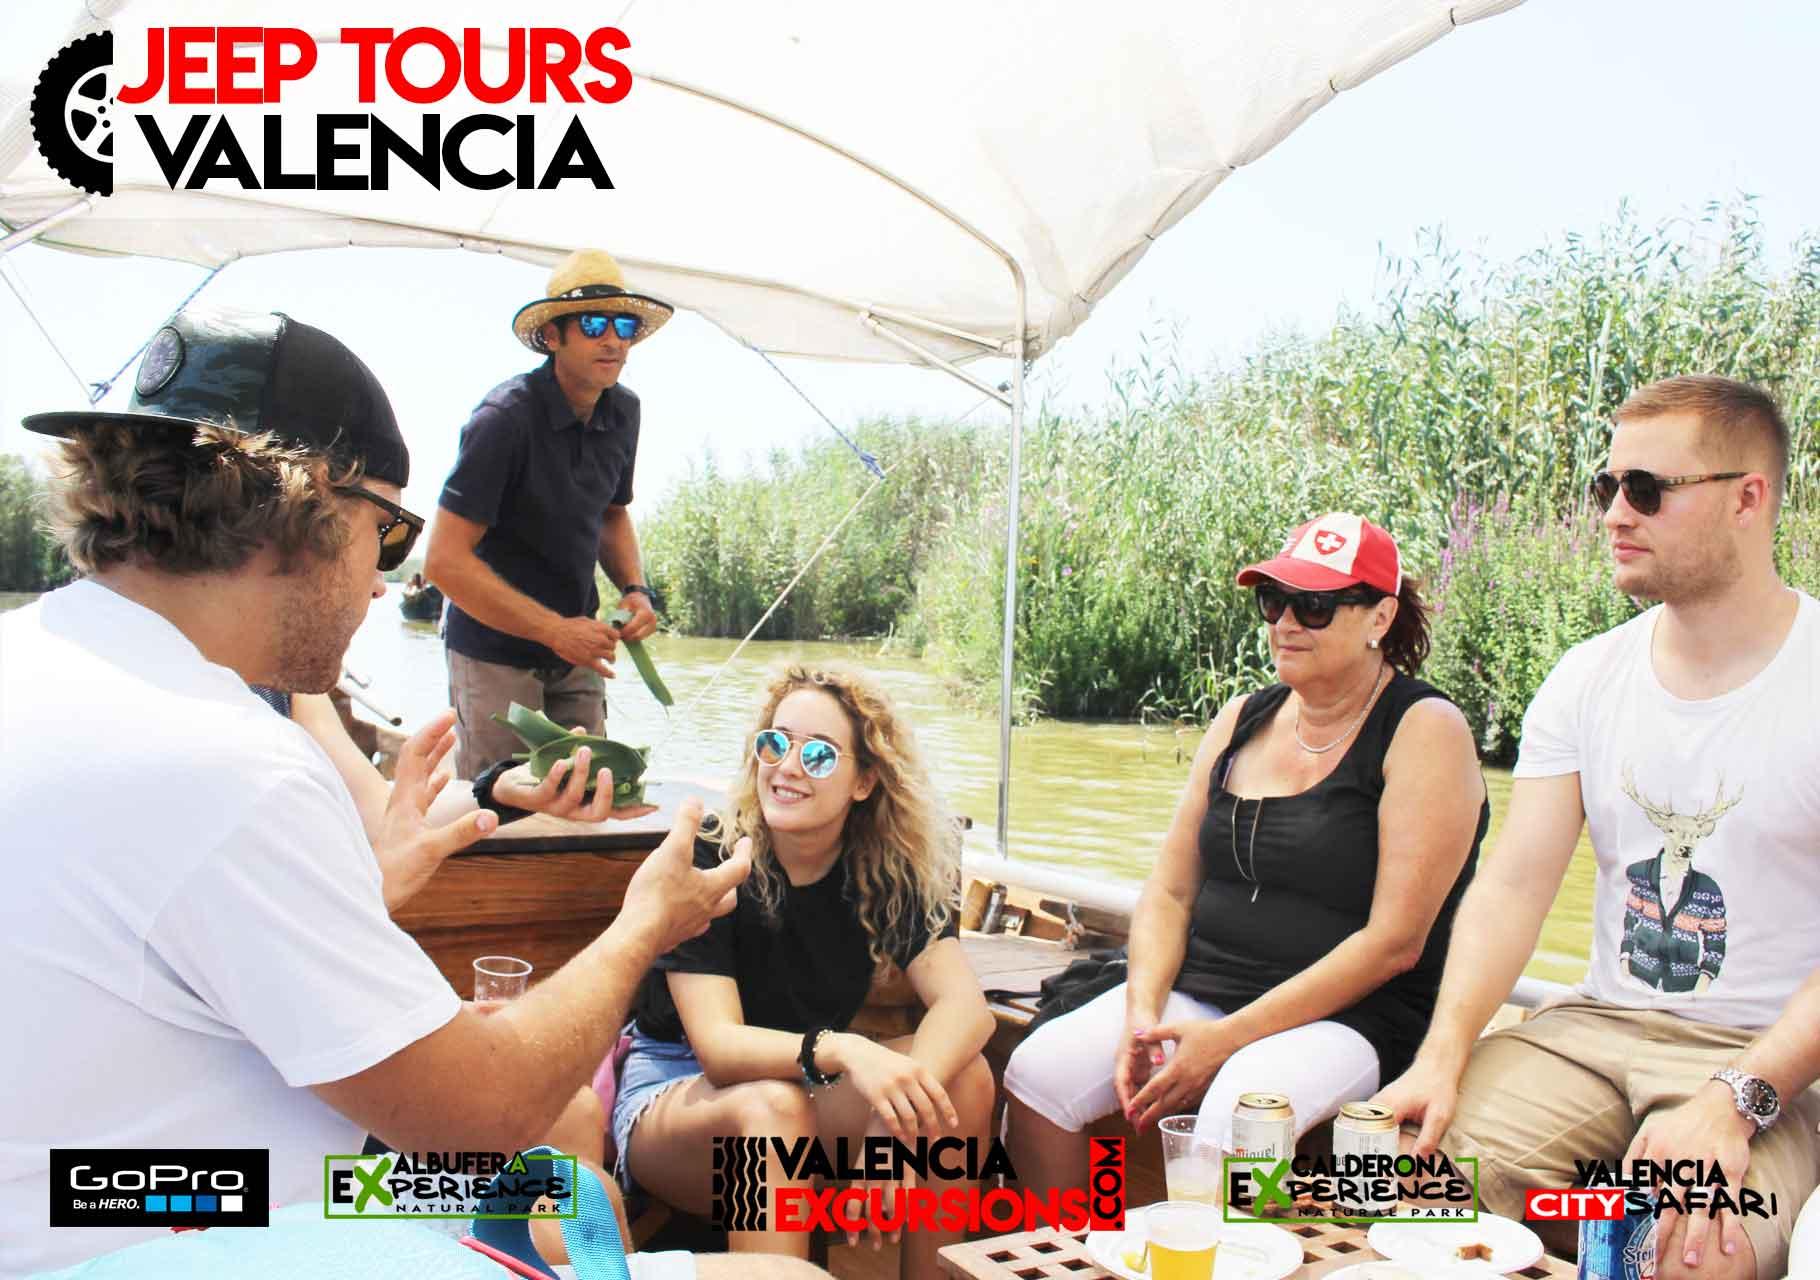 El Palmar de VAlencia. Boat trip and tapas included with Albufera Jeep tour